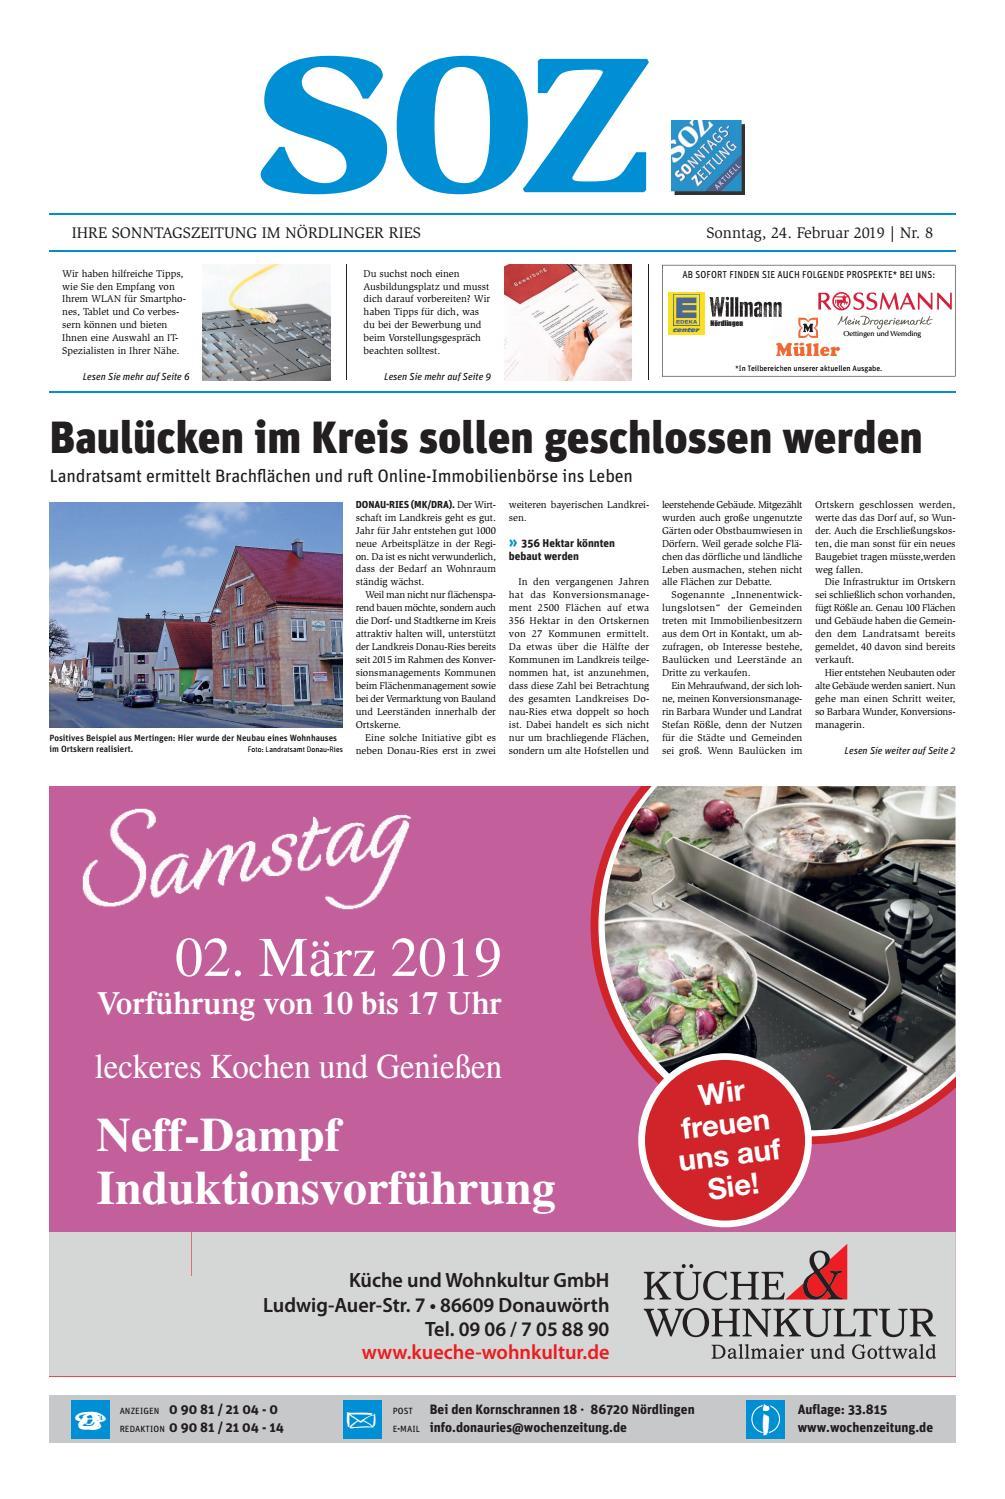 Media Markt Club Kartennummer Finden.Sonntagszeitung Nördlingen Kw 08 19 By Wochenzeitung